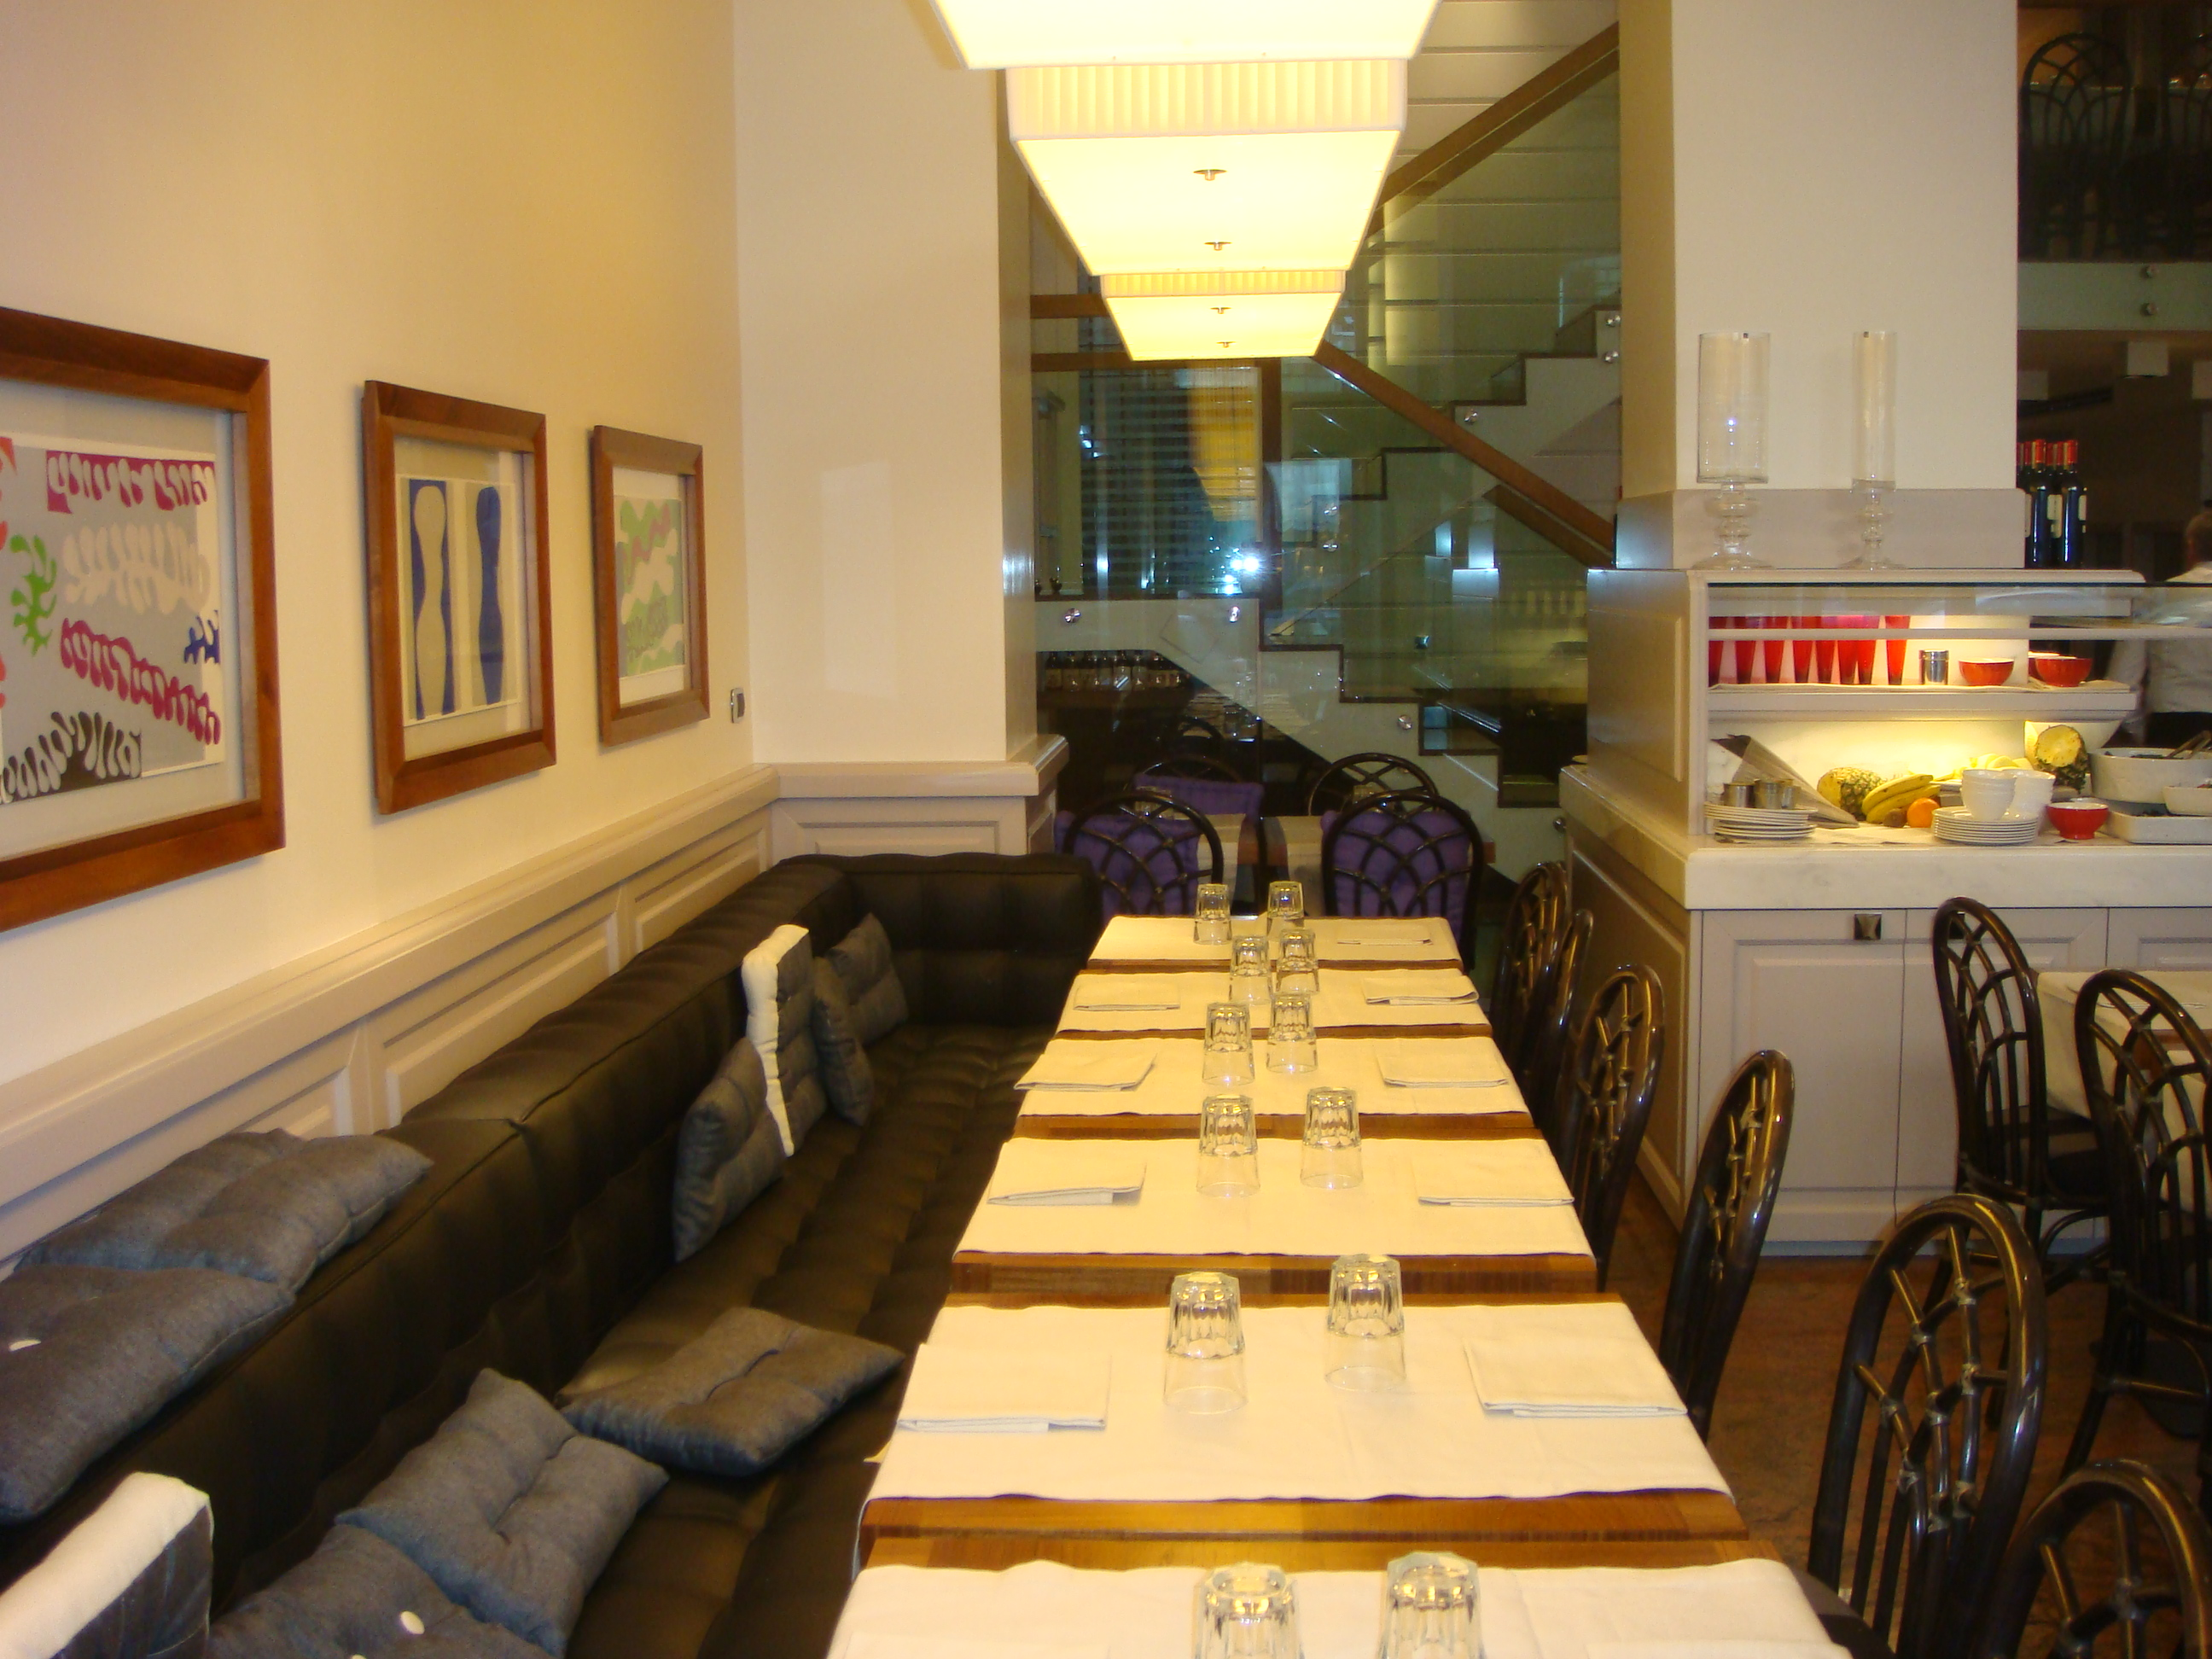 arredamenti per ristoranti roma ESCAPE='HTML'